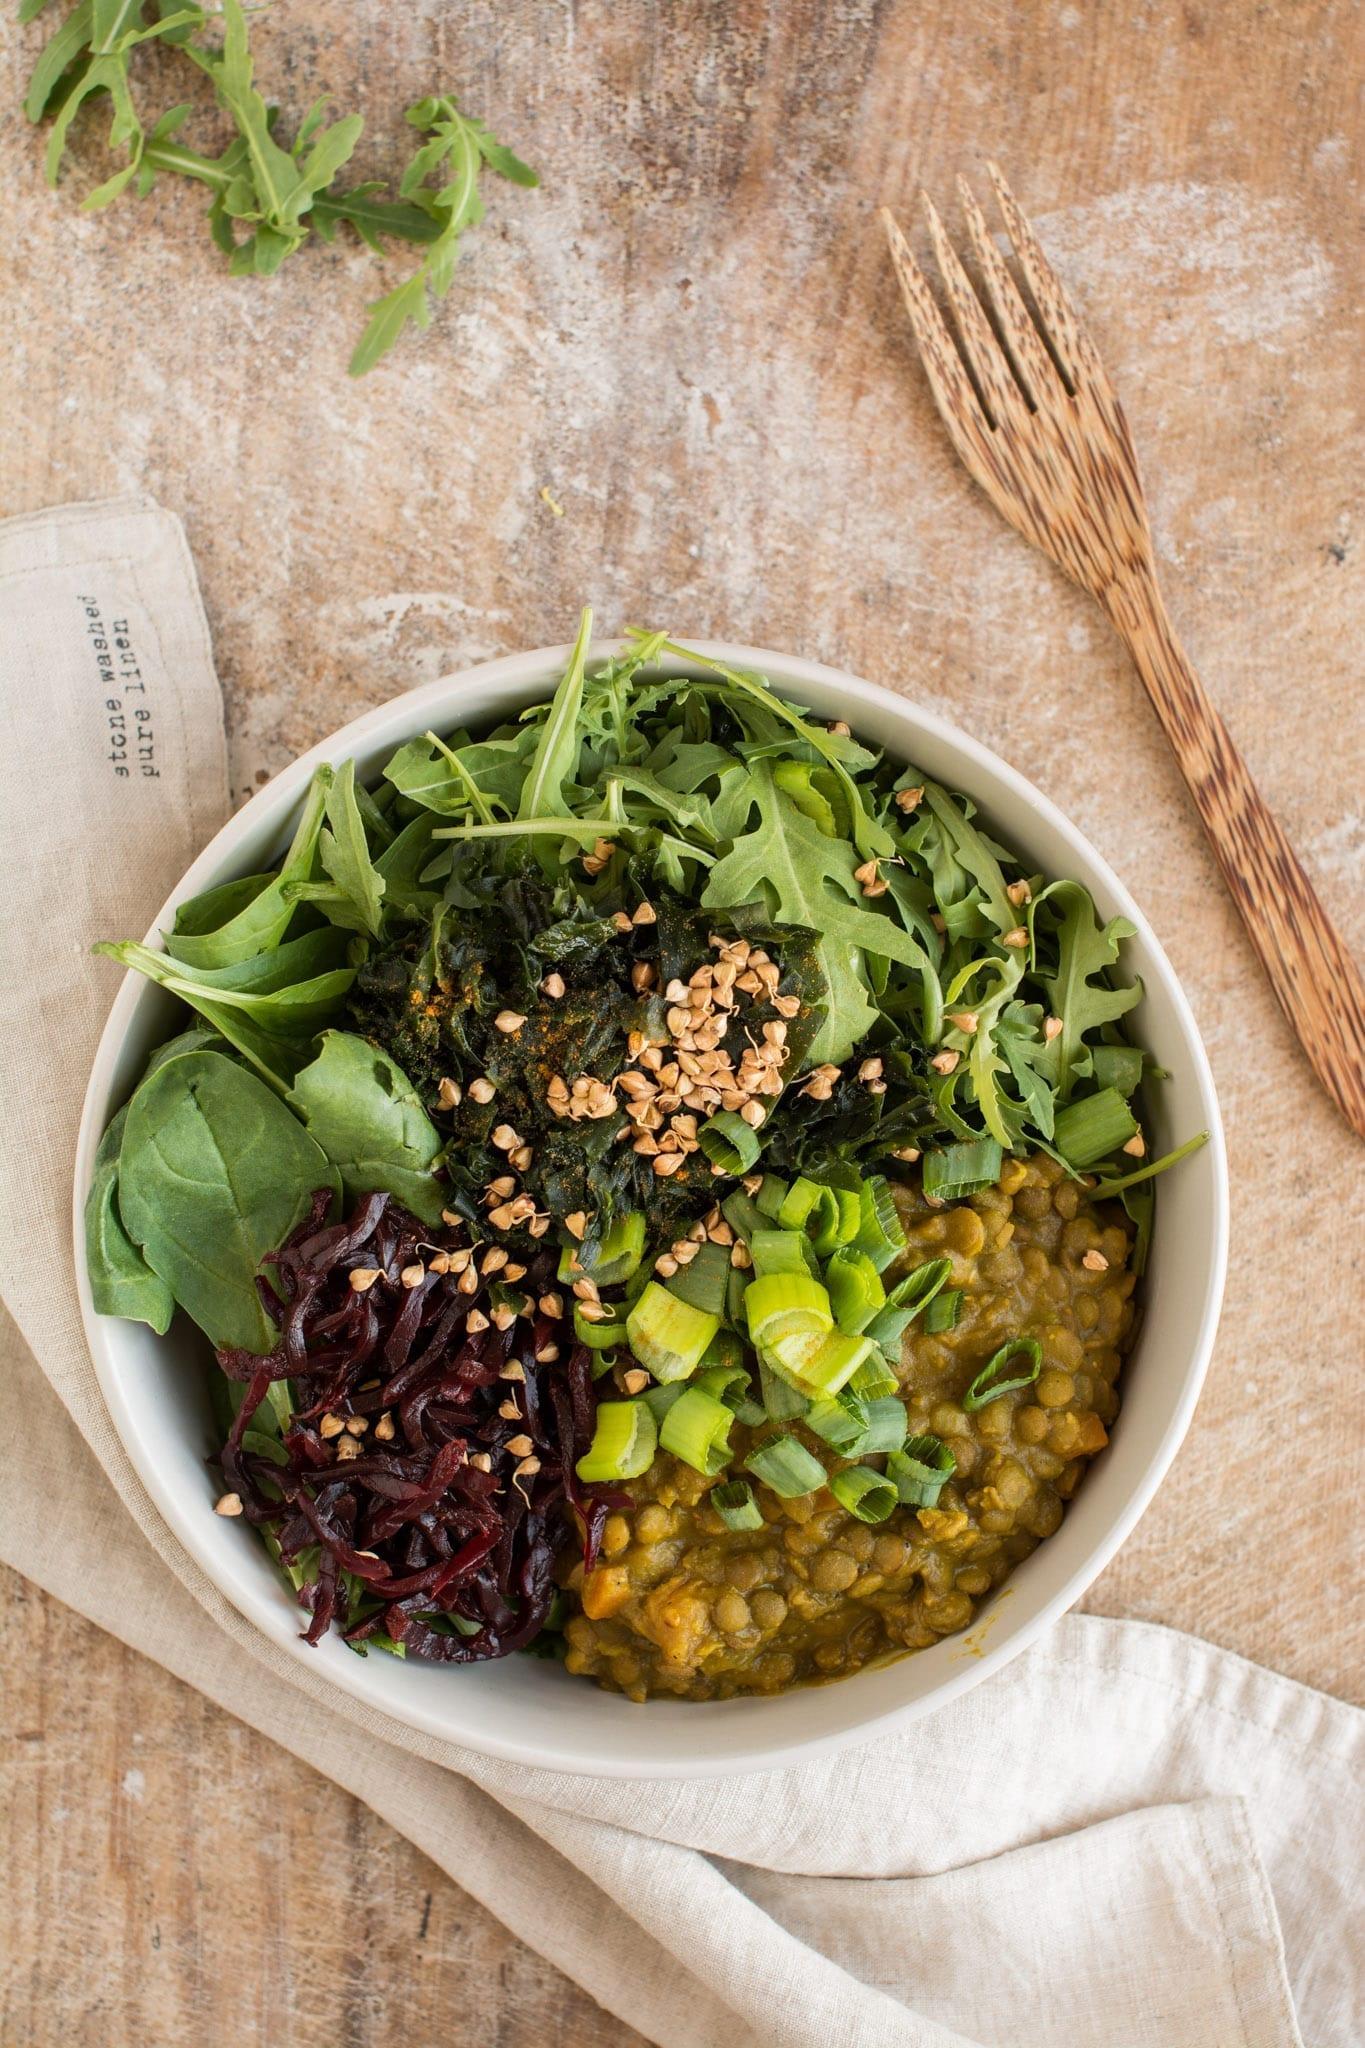 Dr. Greger's Daily Dozen meal plan Dinner Buddha Bowl